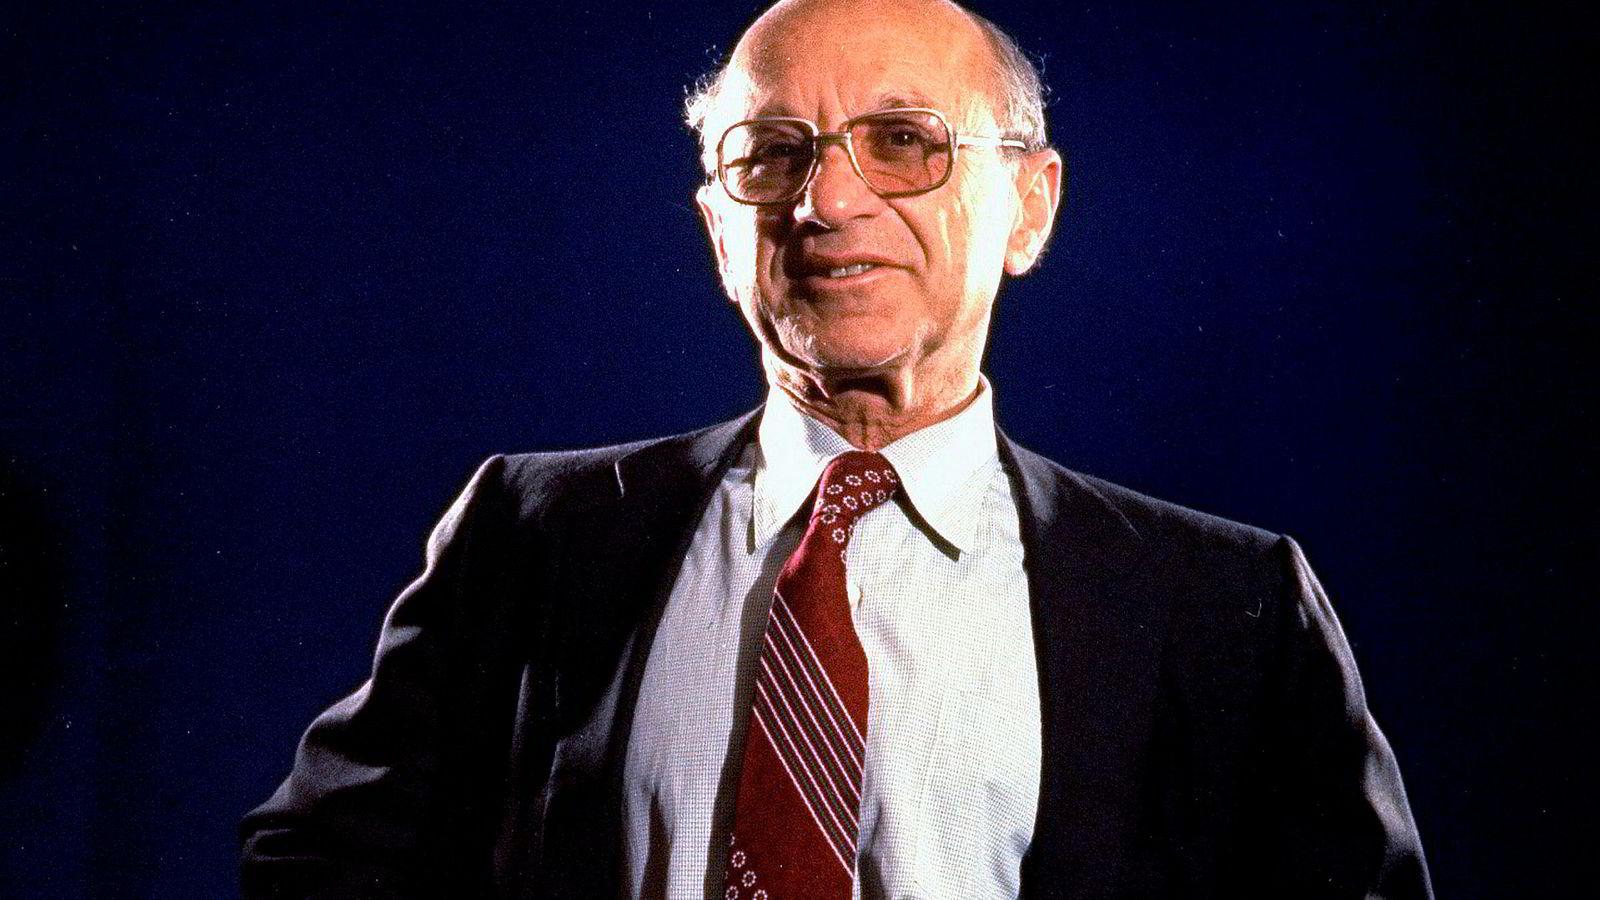 Milton Friedman skrev sin berømte artikkel «The social responsibility of business is to increase its profits» i 1970. Seks år senere fikk han Nobelprisen. Friedmans doktrine er imidlertid i ferd med å miste oppslutning.